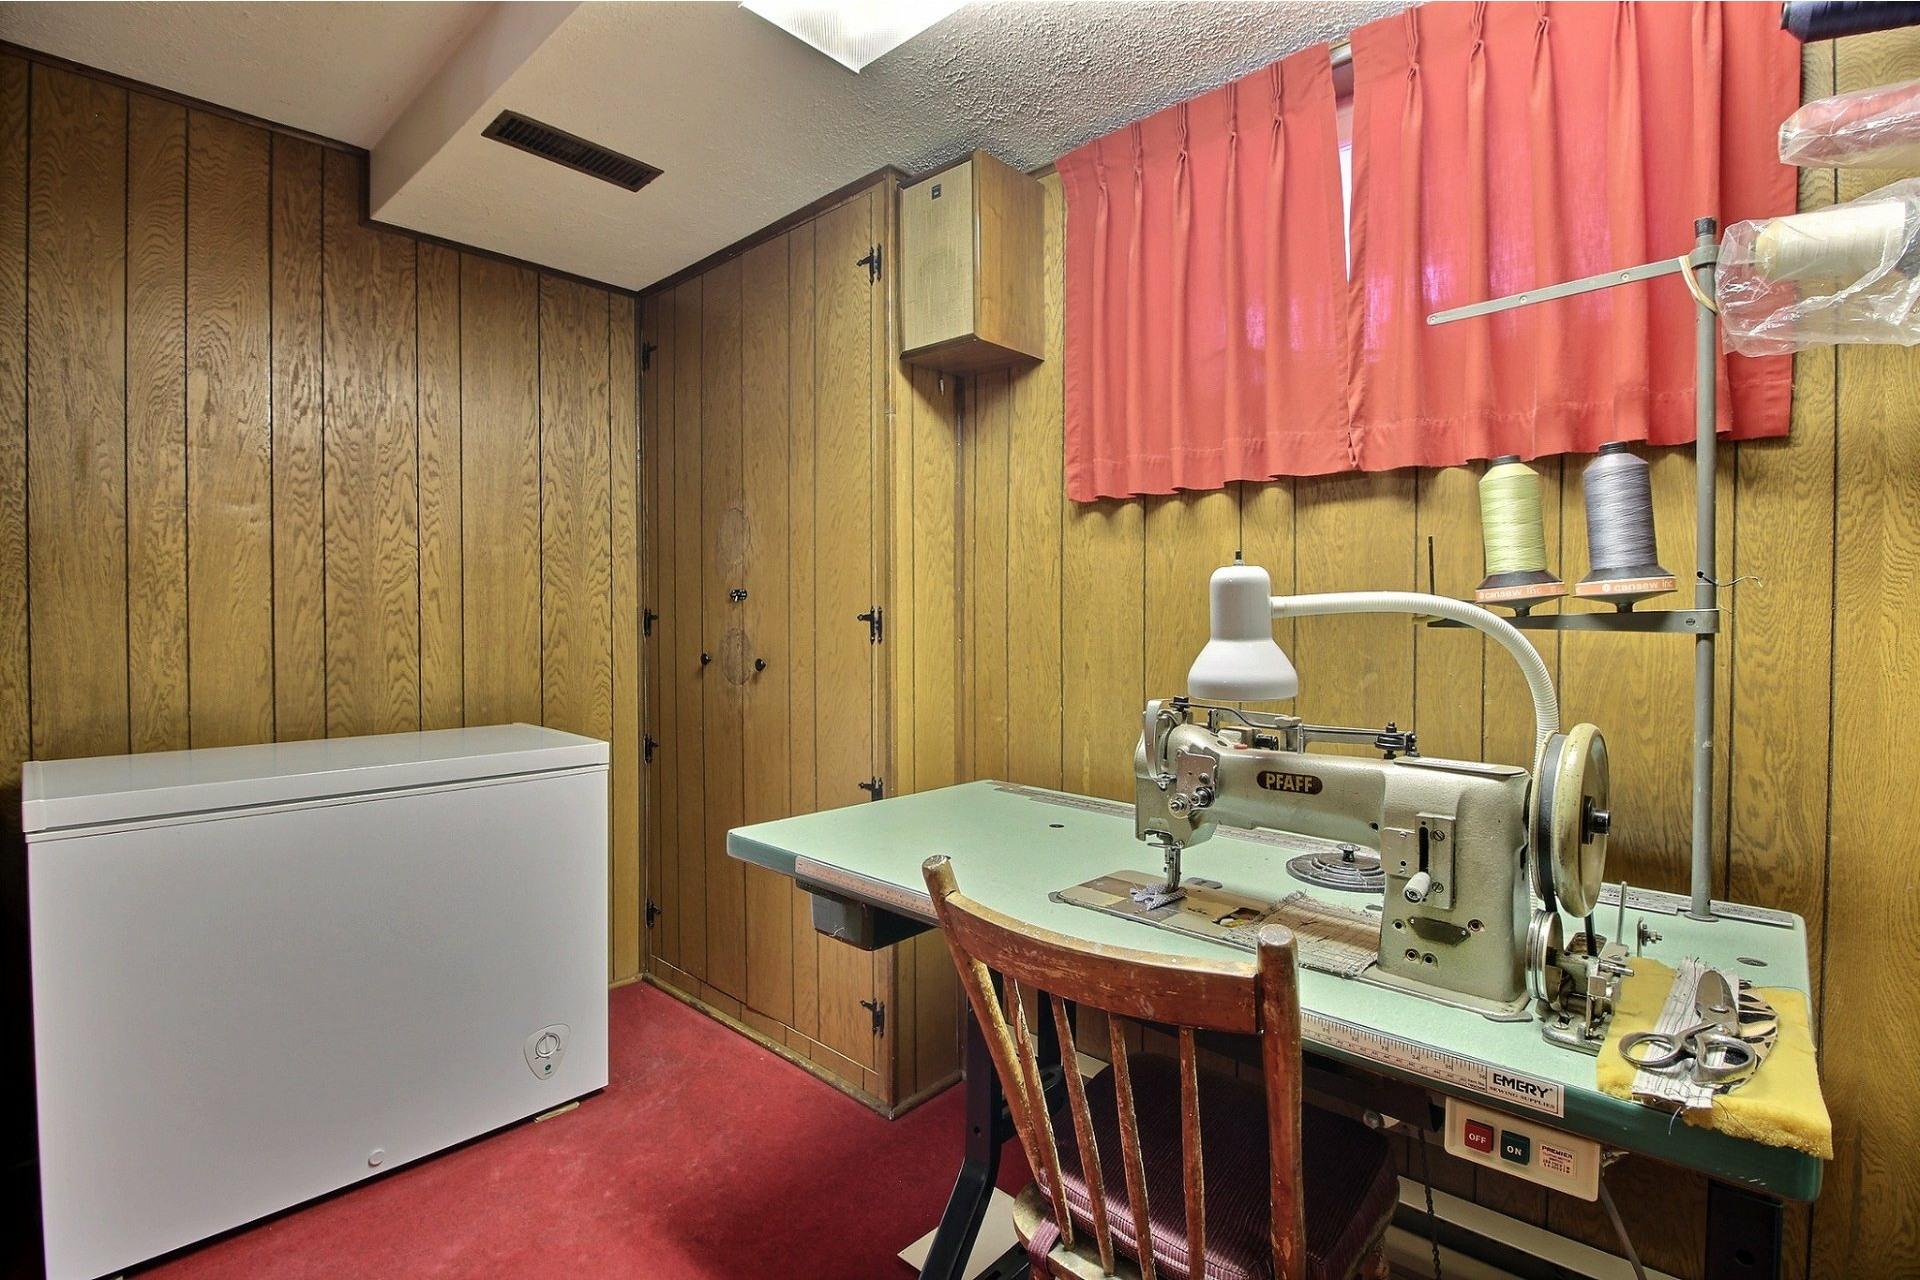 image 18 - Duplex À vendre Montréal Rivière-des-Prairies/Pointe-aux-Trembles  - 6 pièces